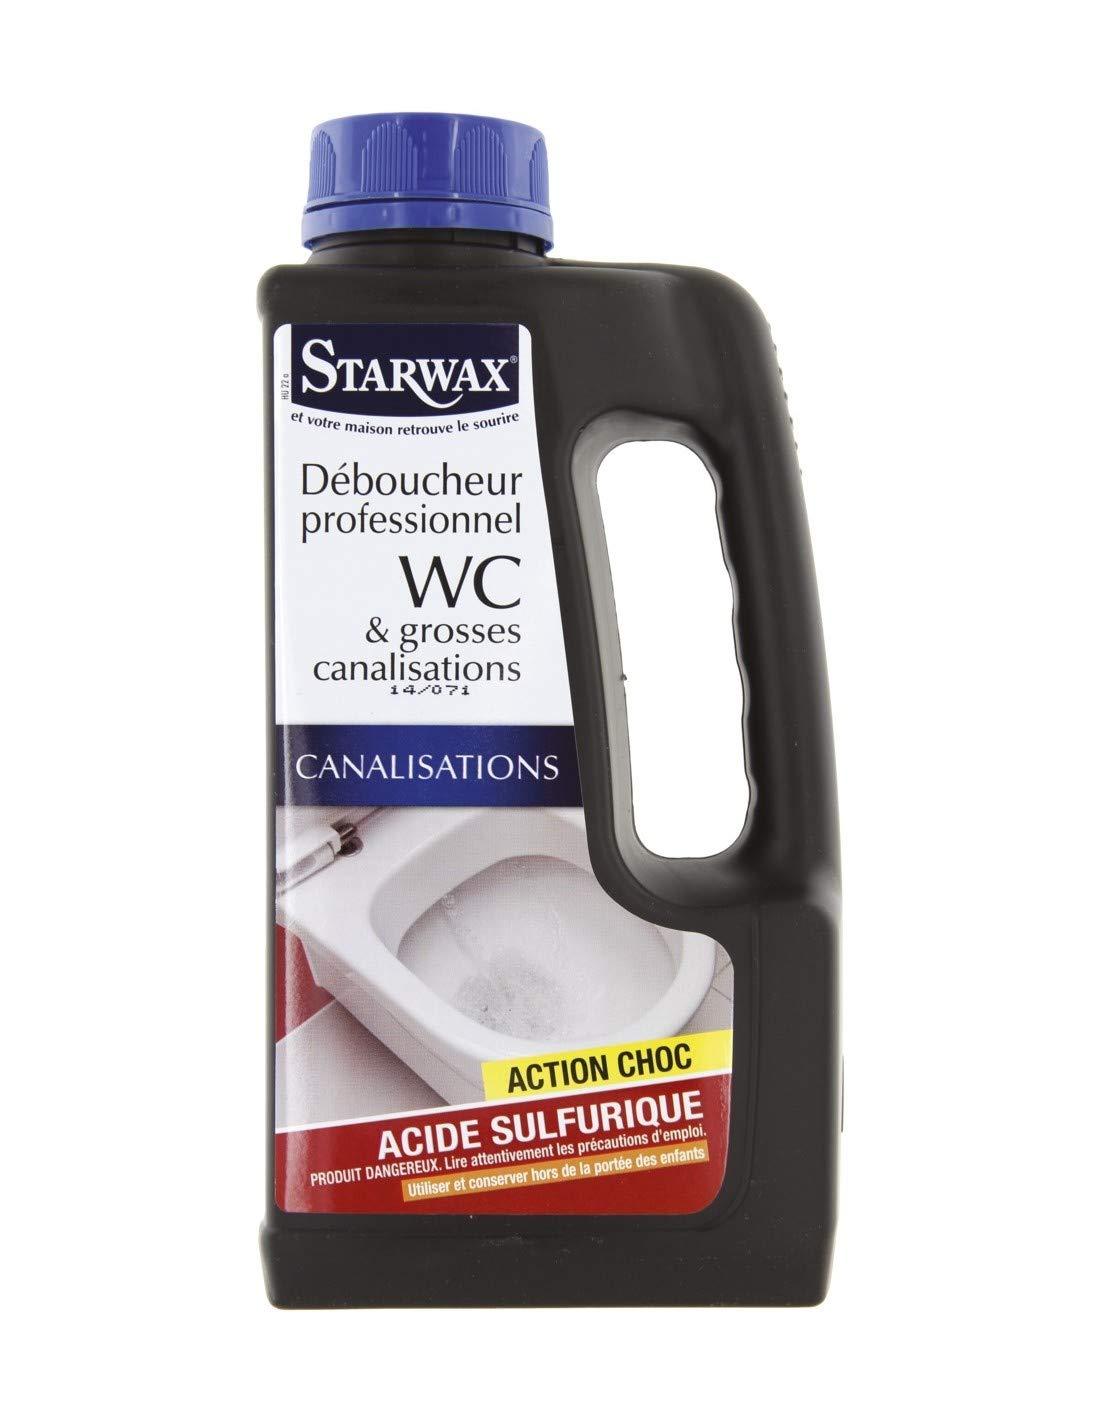 66d7f39ab834 Déboucheur professionnel WC Starwax (bidon de 1l)  Amazon.fr  Bricolage